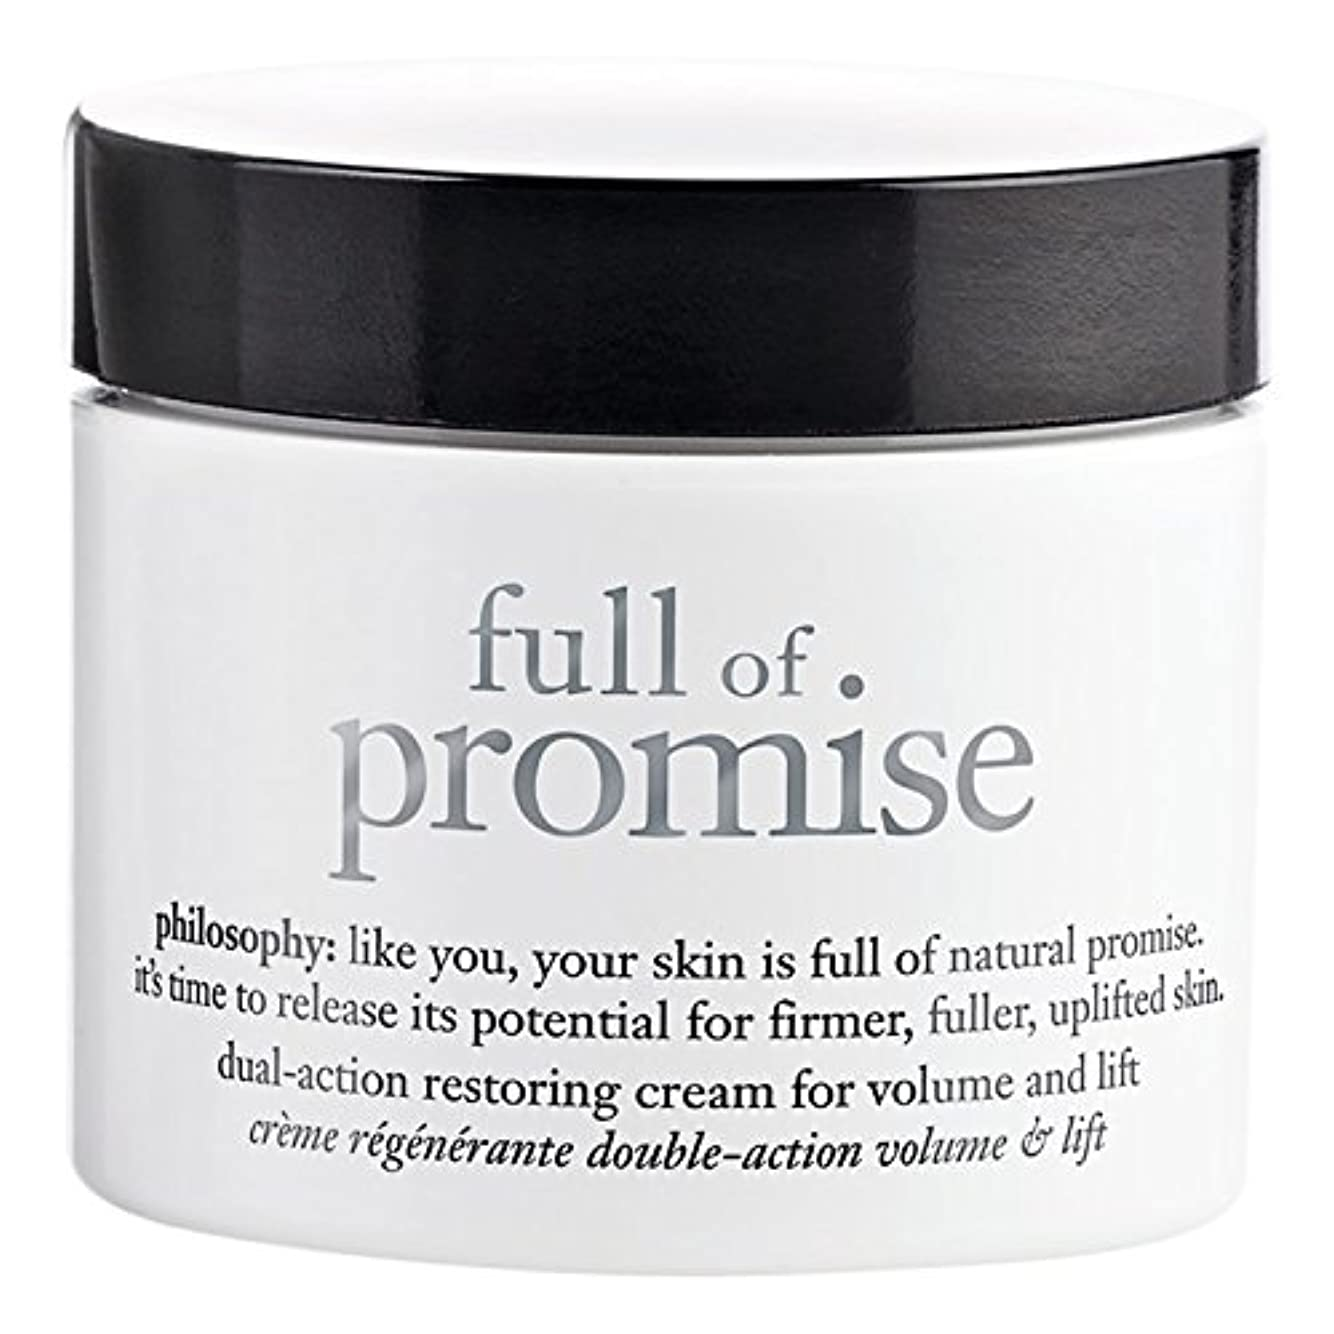 トラッププラス極めて重要なクリームを復元するデュアルアクション?約束の完全な哲学、60ミリリットル (Philosophy) - Philosophy Full of Promise? Dual Action Restoring Cream, 60ml [並行輸入品]